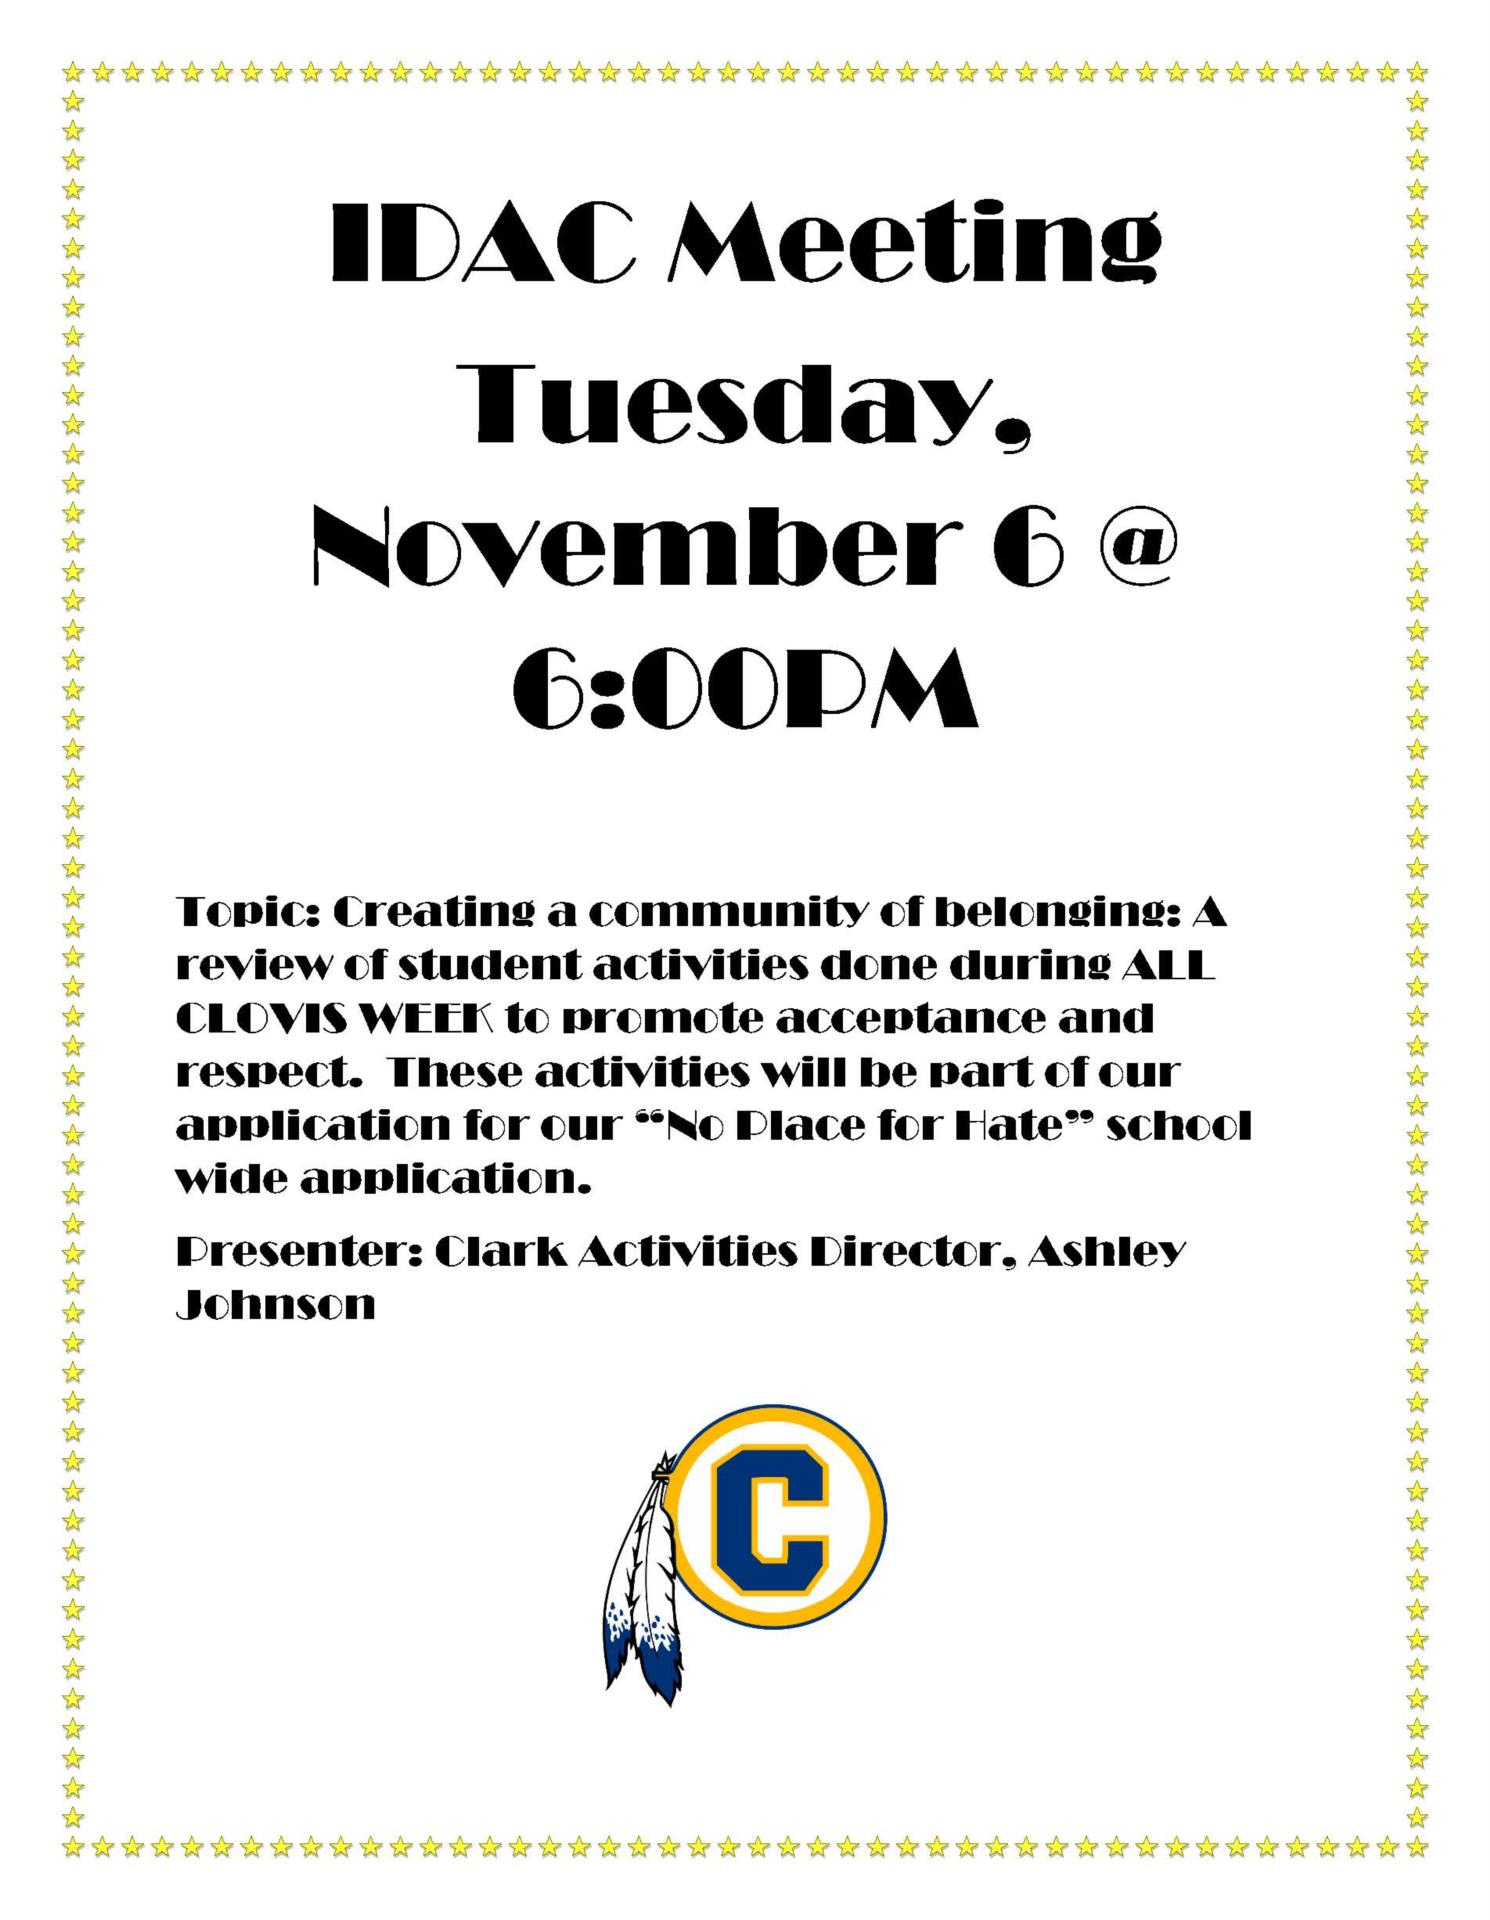 IDAC Meeting Nov 6